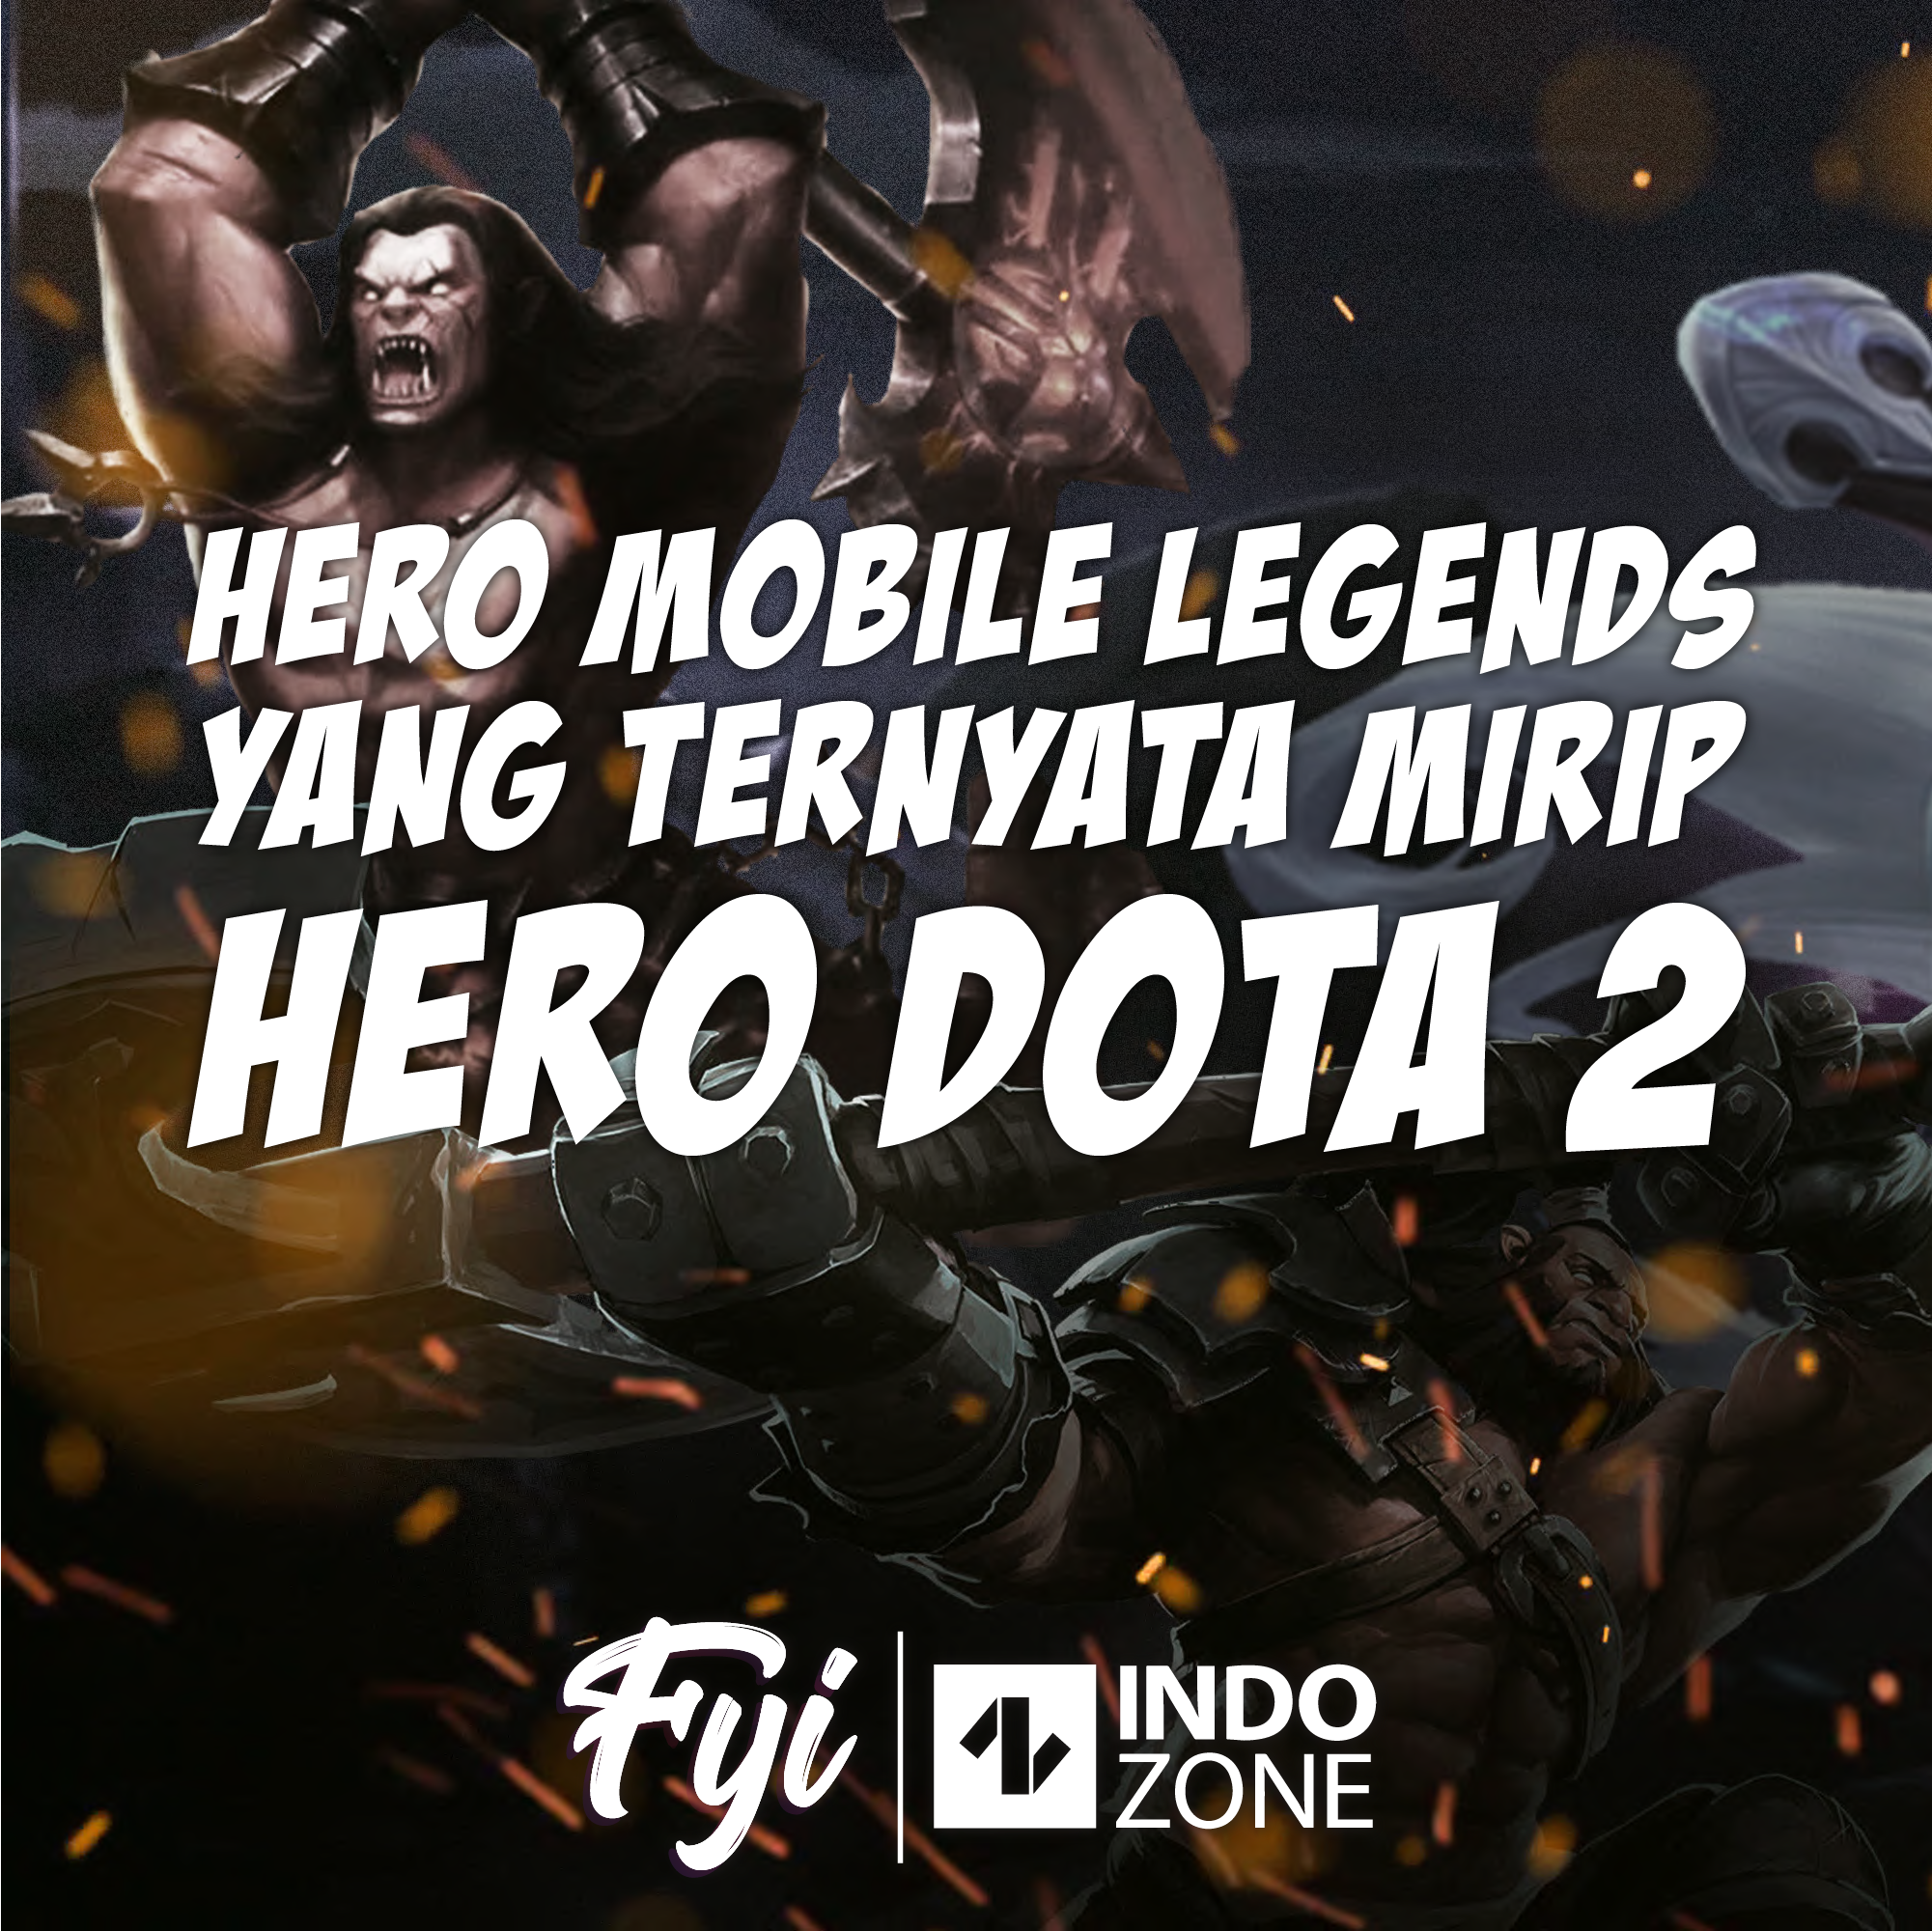 Hero Mobile Legends yang Ternyata Mirip Hero Dota 2